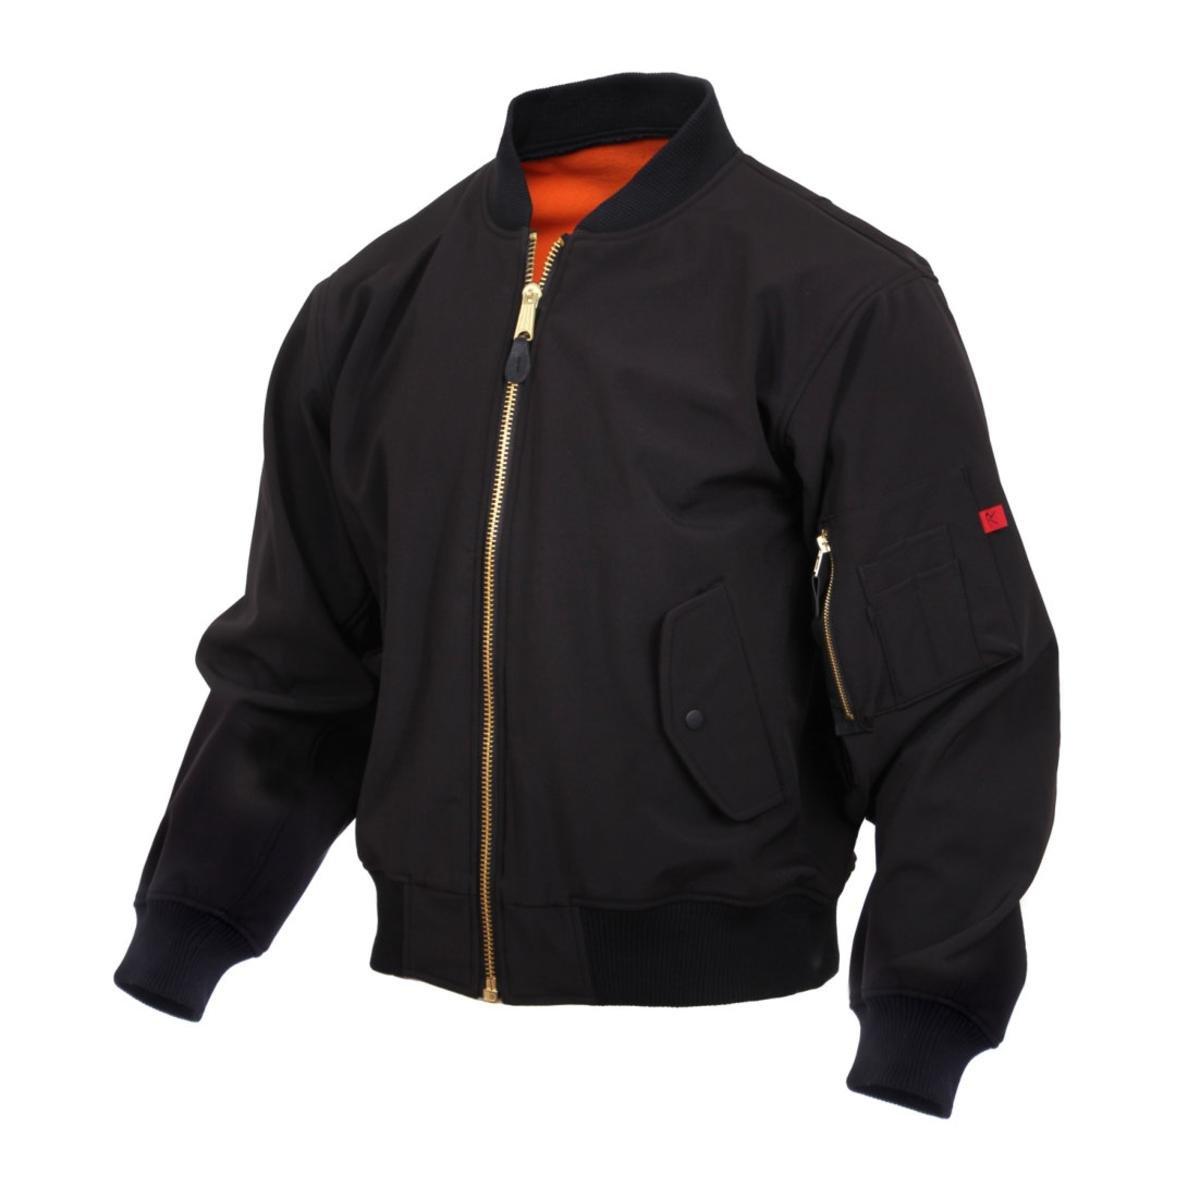 Rothco Soft Shell MA-1 Flight Jacket - Black B01KG9ESDO